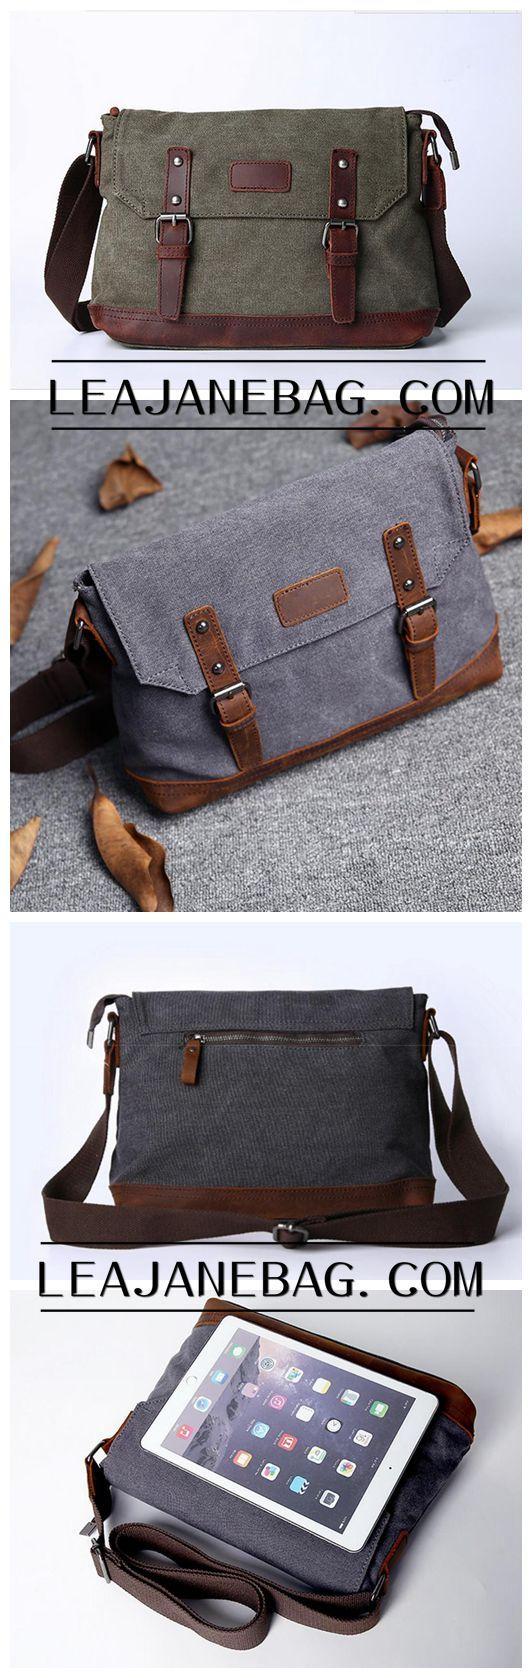 Satchel, Leather Satchel, Mens Satchel, Canvas Satchel, Satchel Men, Canvas Messenger Bag JC024